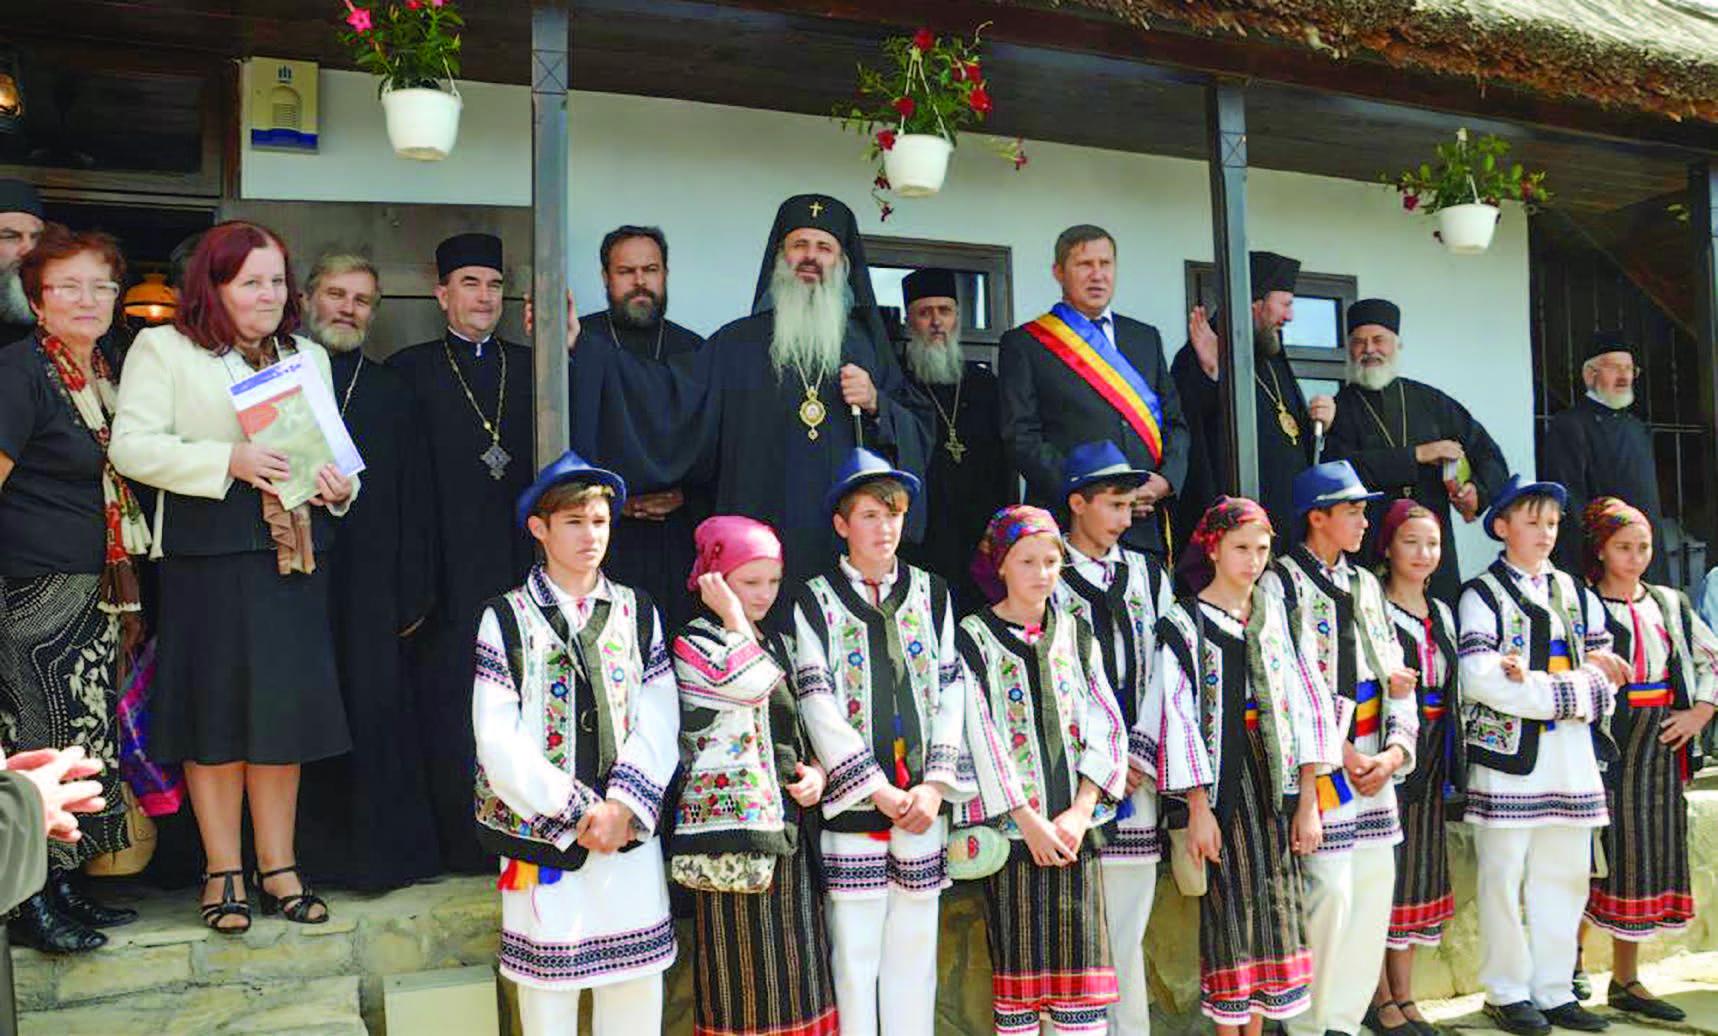 Evenimente comemorative dedicate Părintelui Patriarh Teoctist la 100 de ani de la naştere